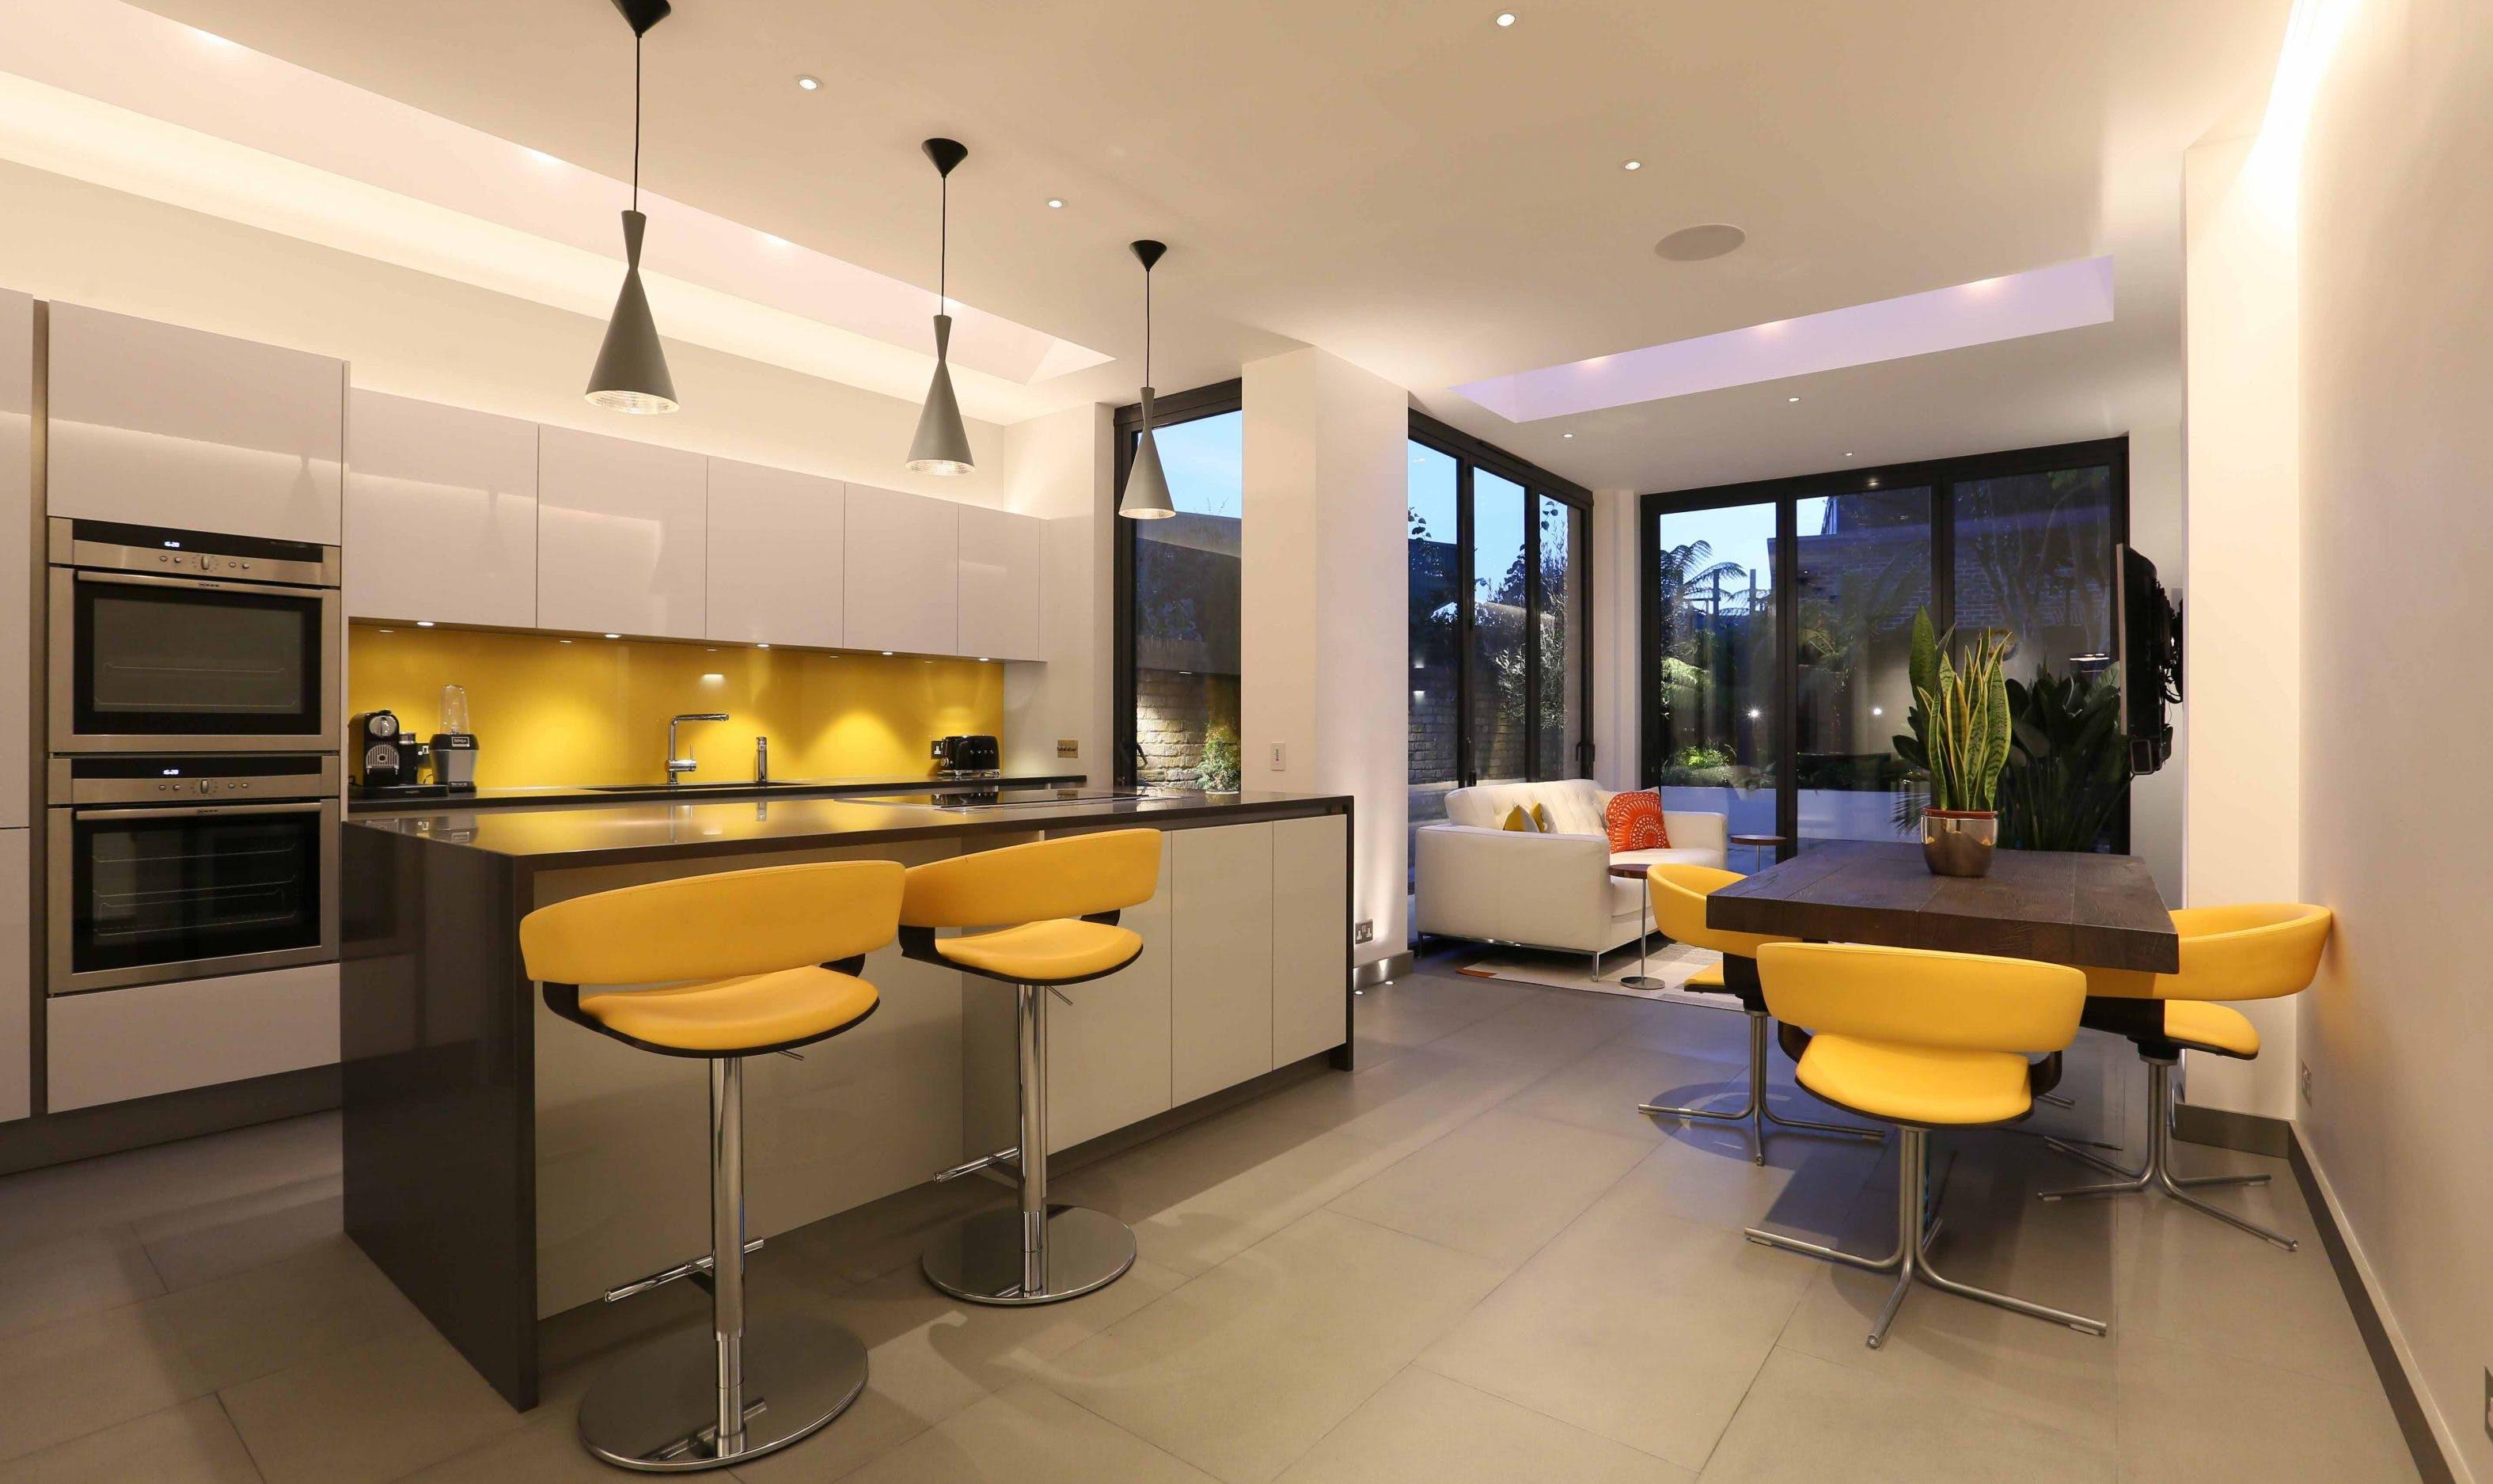 Kitchen extension lighting design